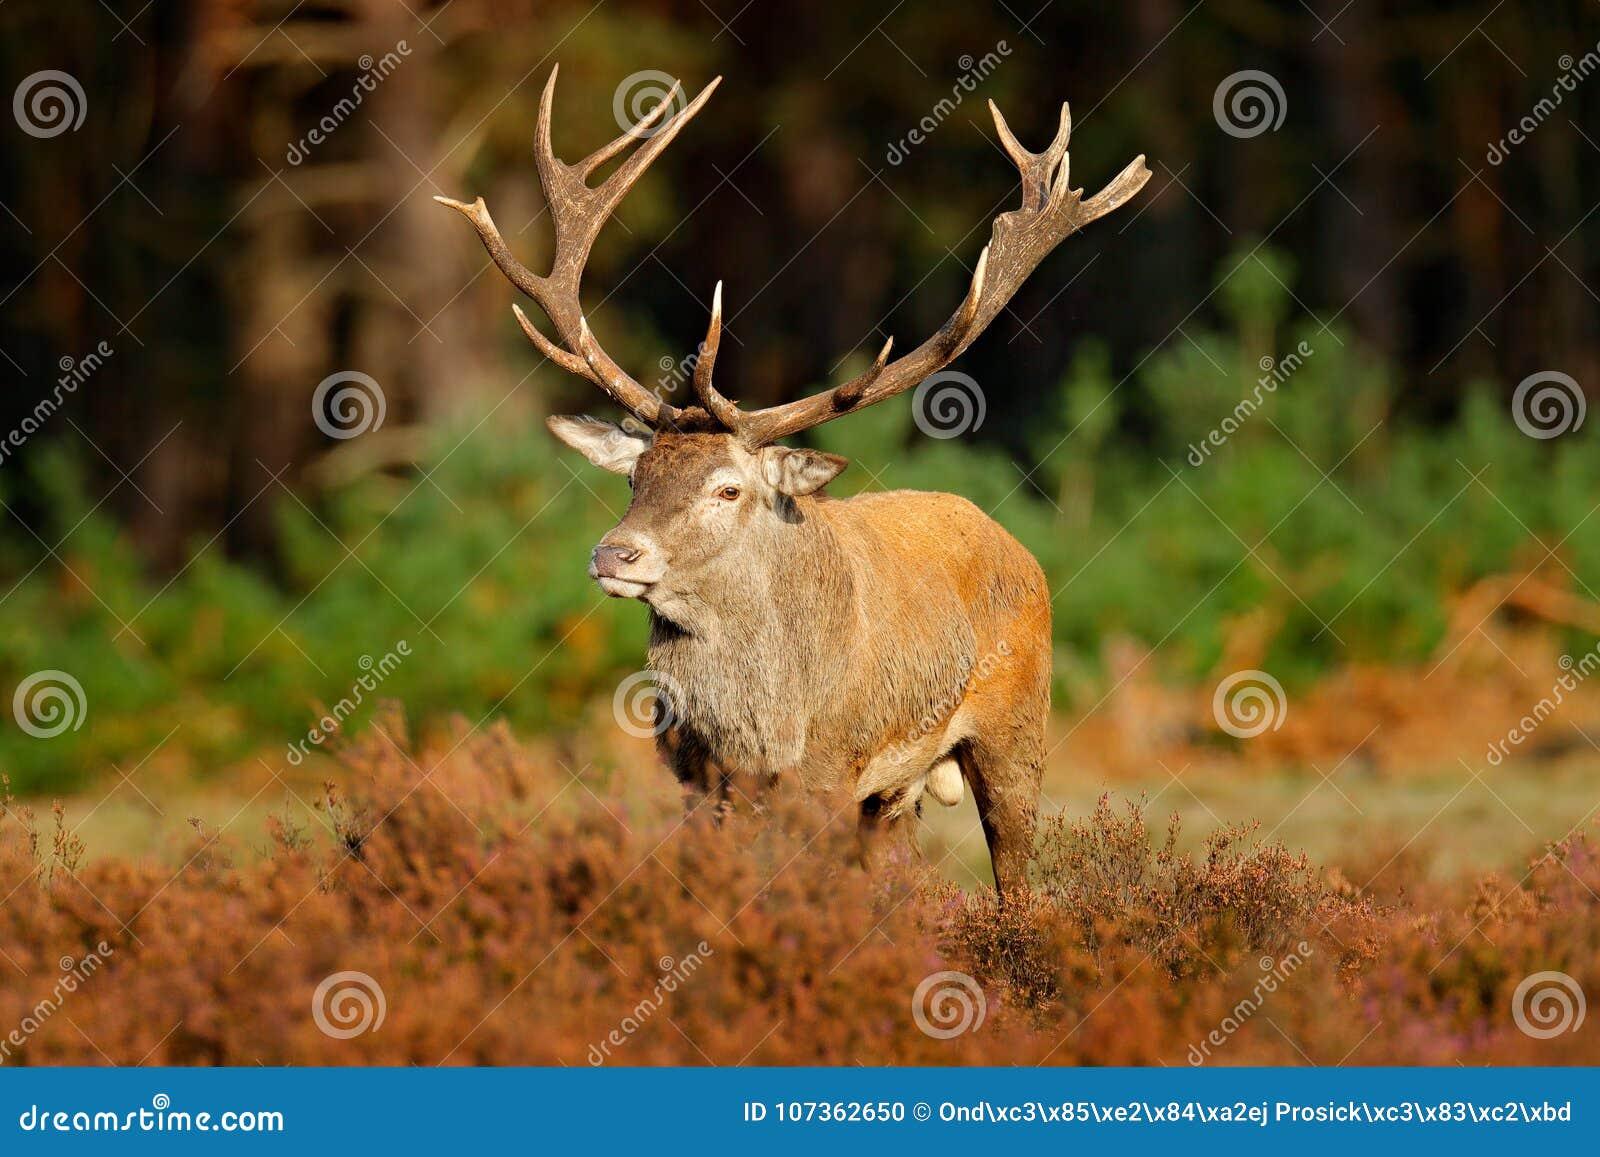 Красные олени, прокладывать сезон, Hoge Veluwe, Нидерланды Рогач оленей, ревет величественное мощное животное вне древесины, боль